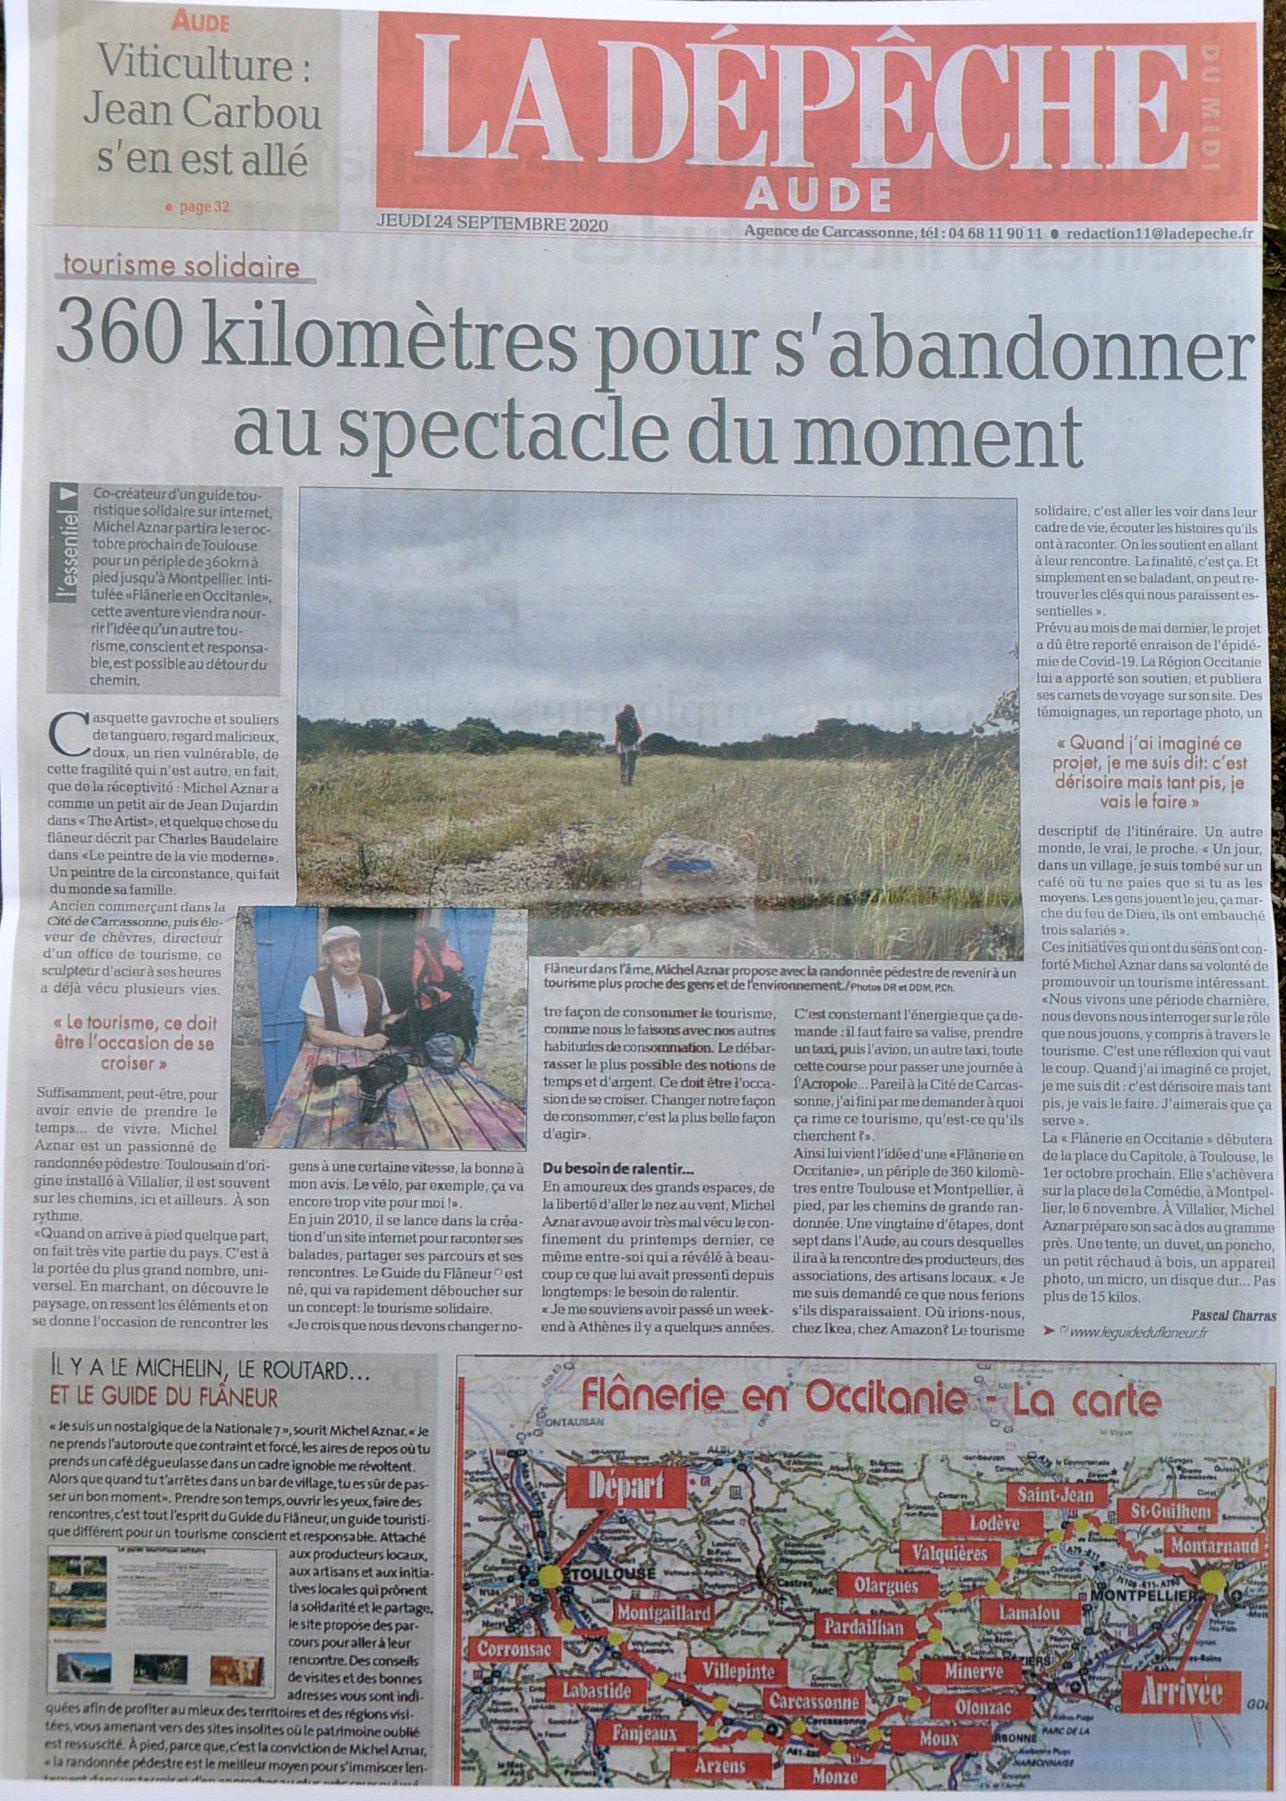 Article de Flânerie en Occitanie dans la Dépêche du midi